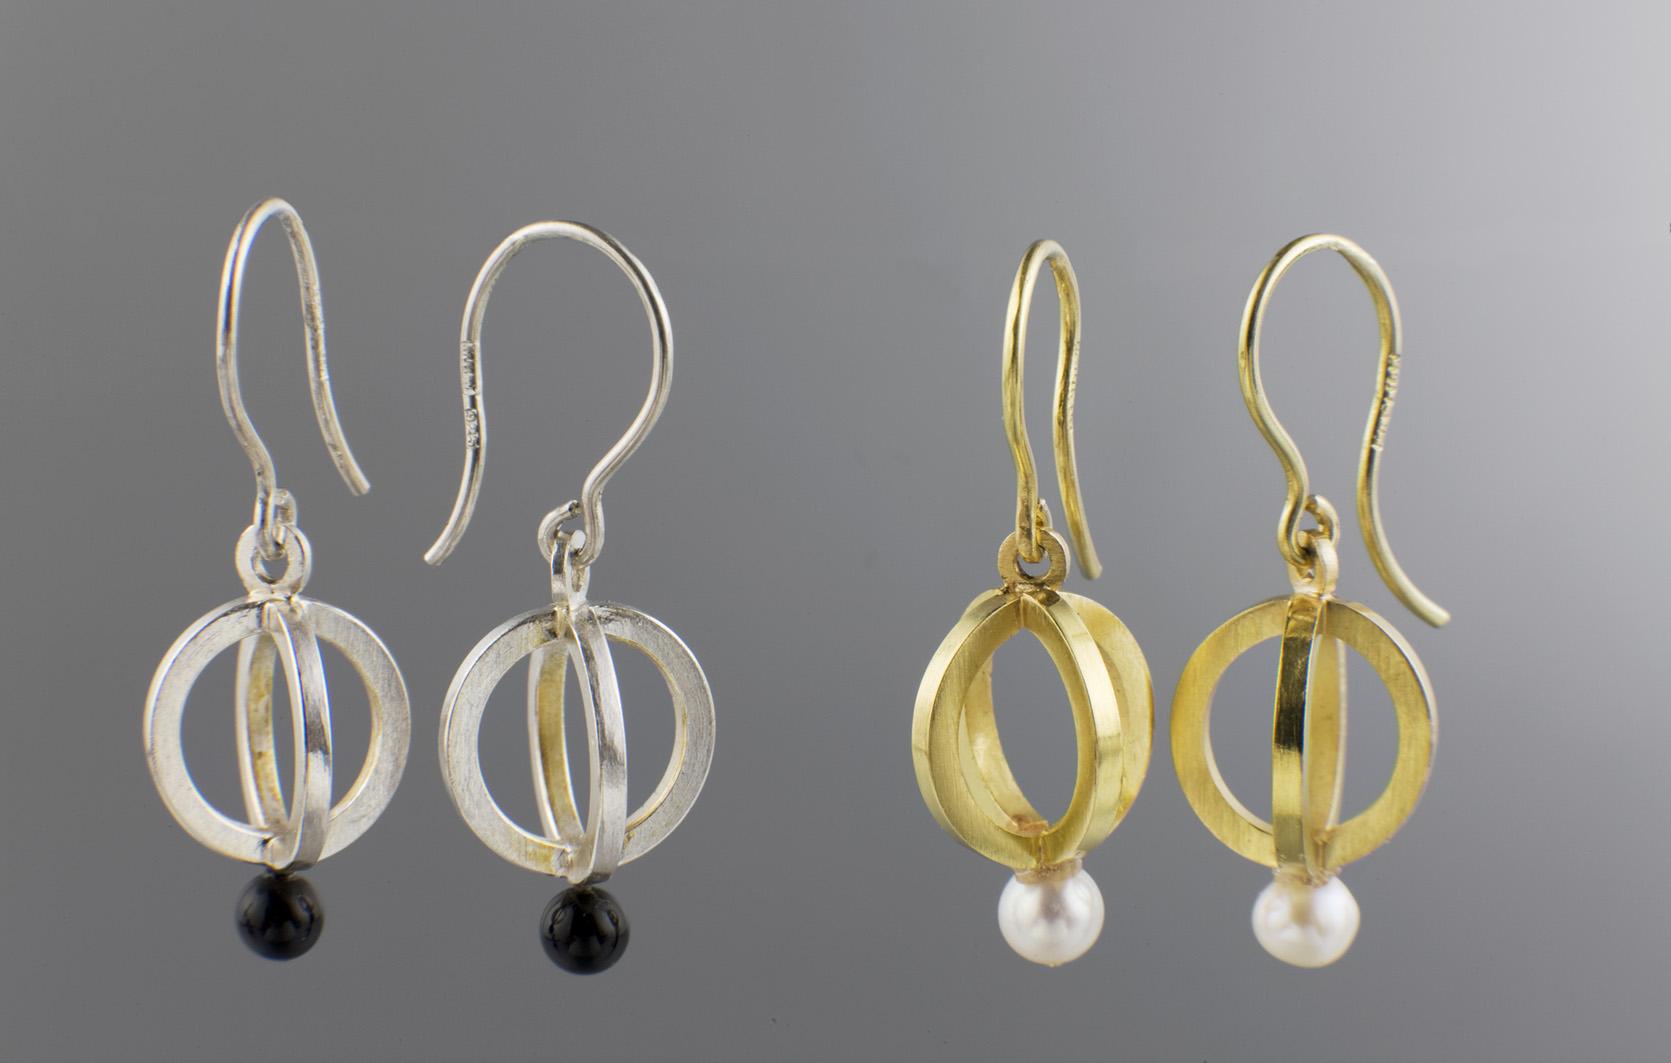 Örhängen, silver och onyx resp. guld och pärla